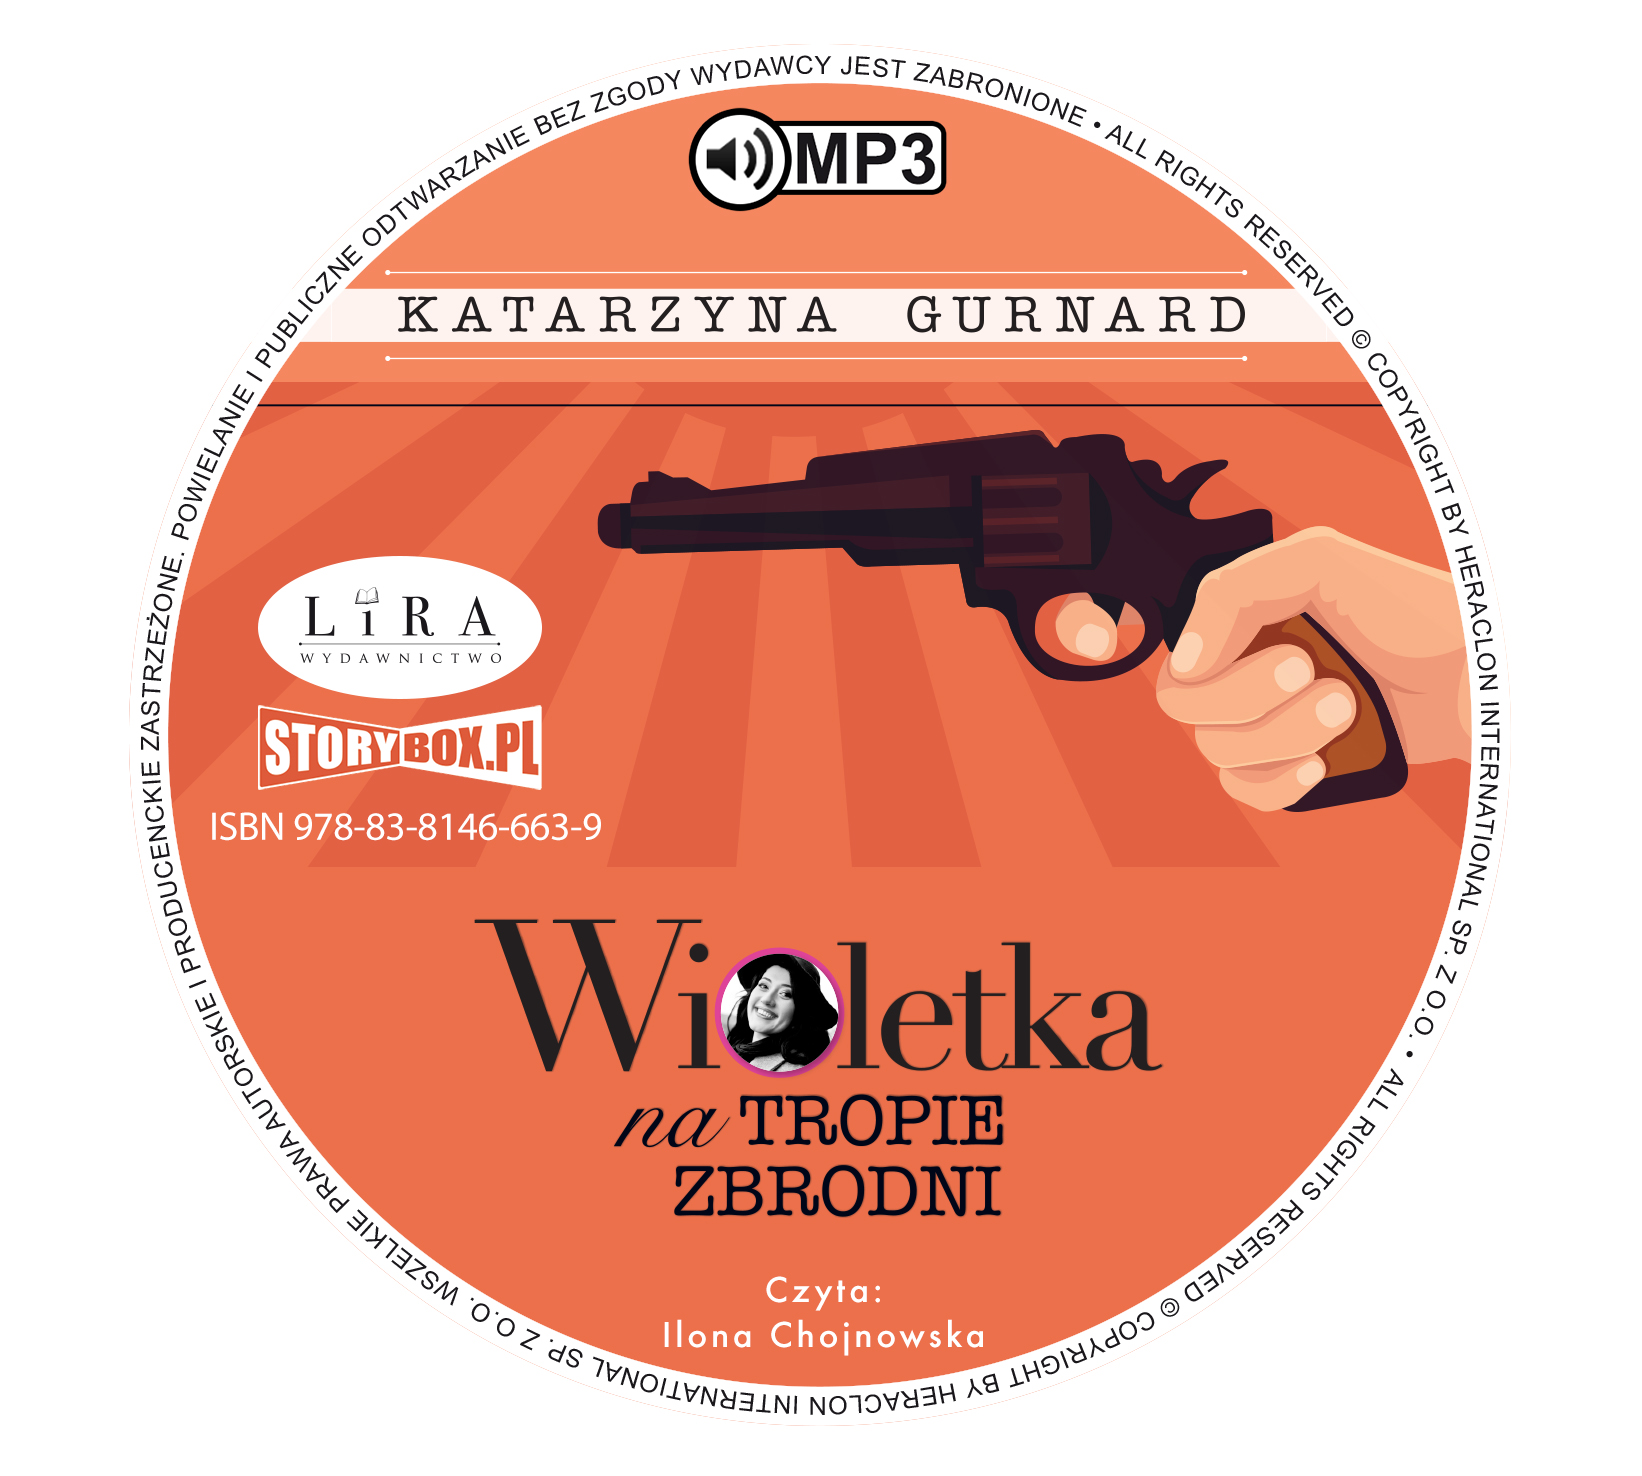 """POCZYTAJ MI NA UCHO: """"Wioletka na tropie zbrodni"""" Katarzyna Gurnard - recenzja audiobooka"""